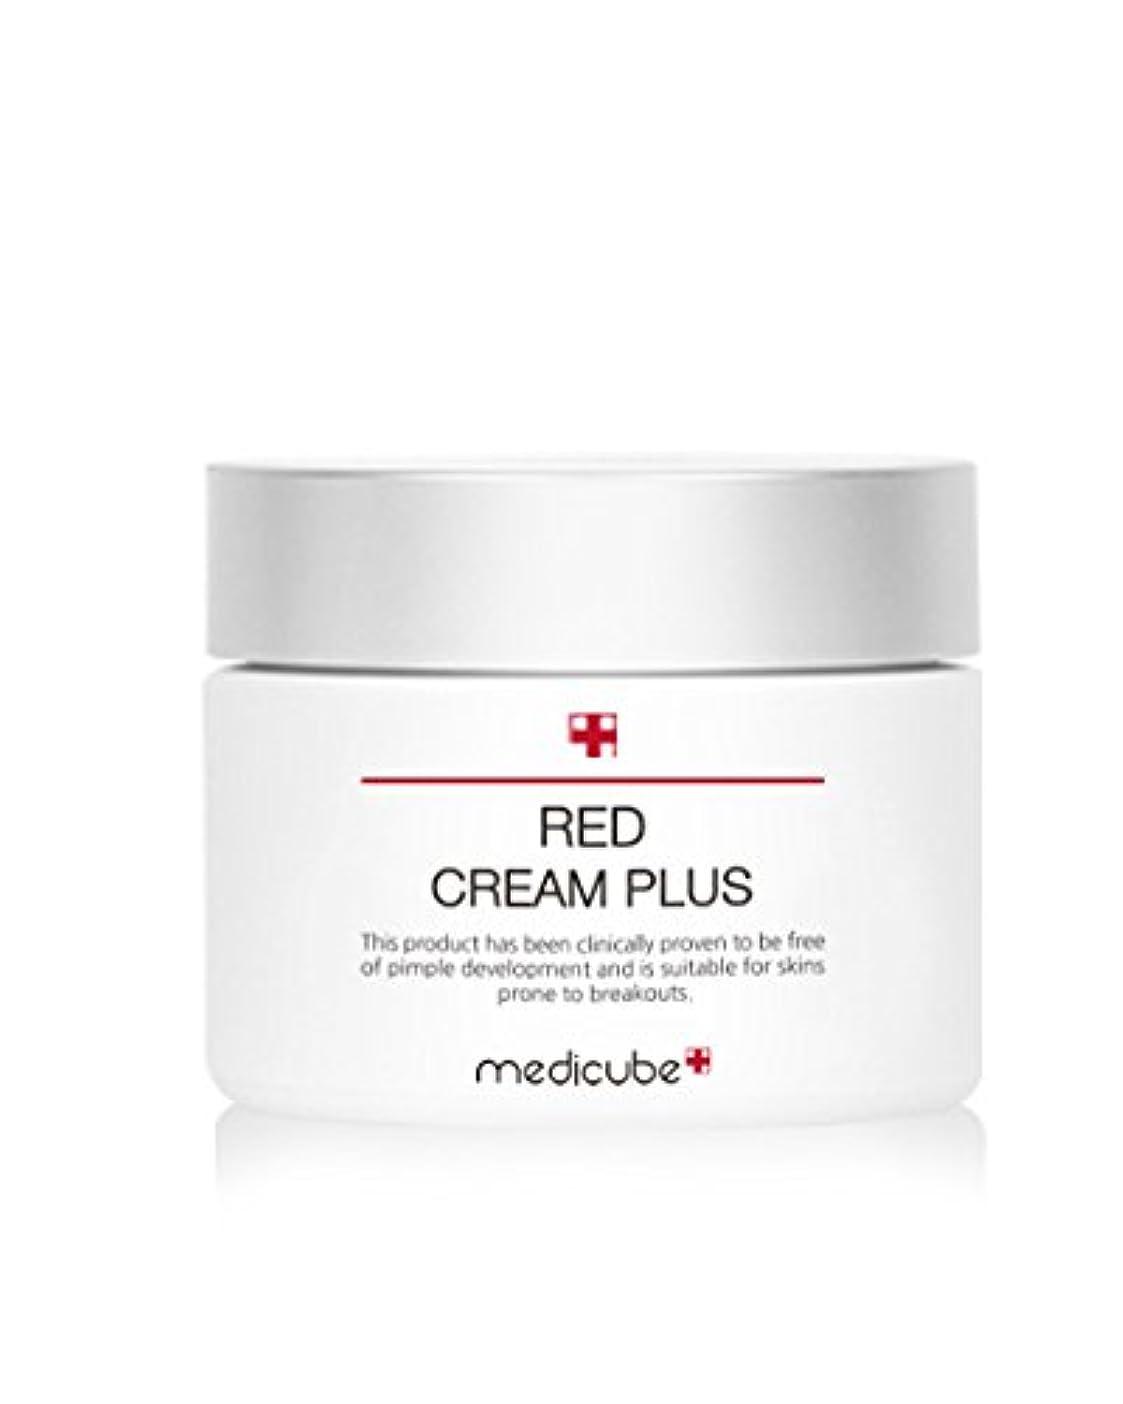 けん引現在マット[Medicube]メディキューブ レッド クリーム プラス 大容量 100ml / Medicube Red Cream Plus 100ml [並行輸入品]